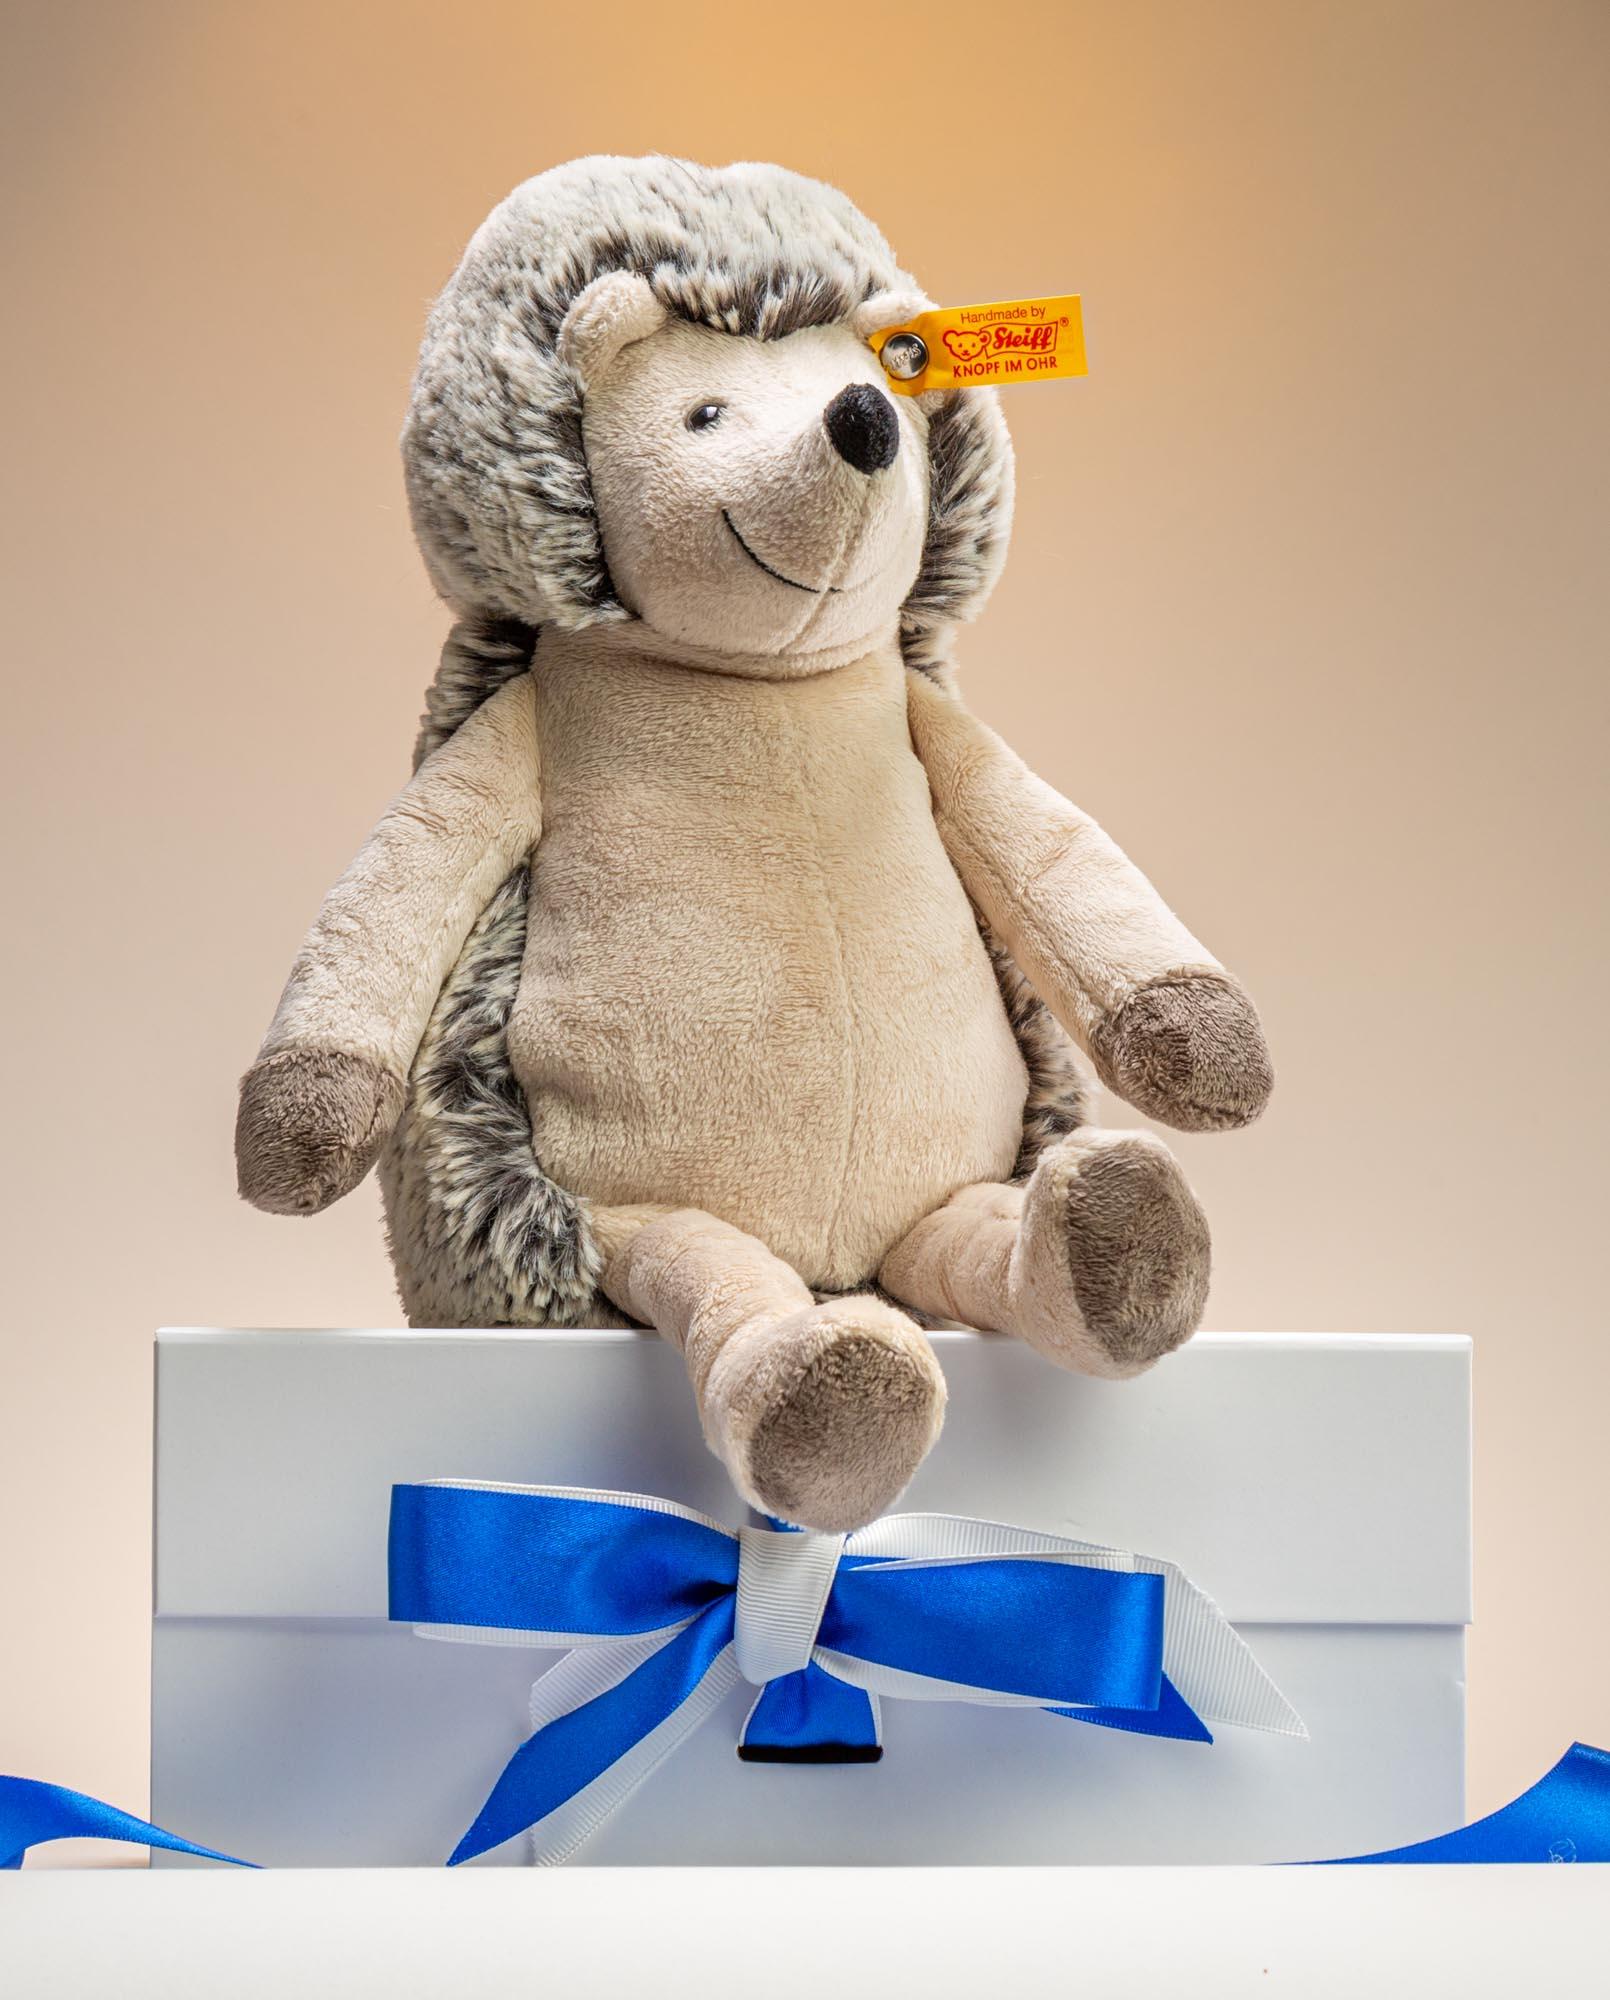 Steiff Hedgy Hedgehog Soft Toy Gift - Send A Cuddly